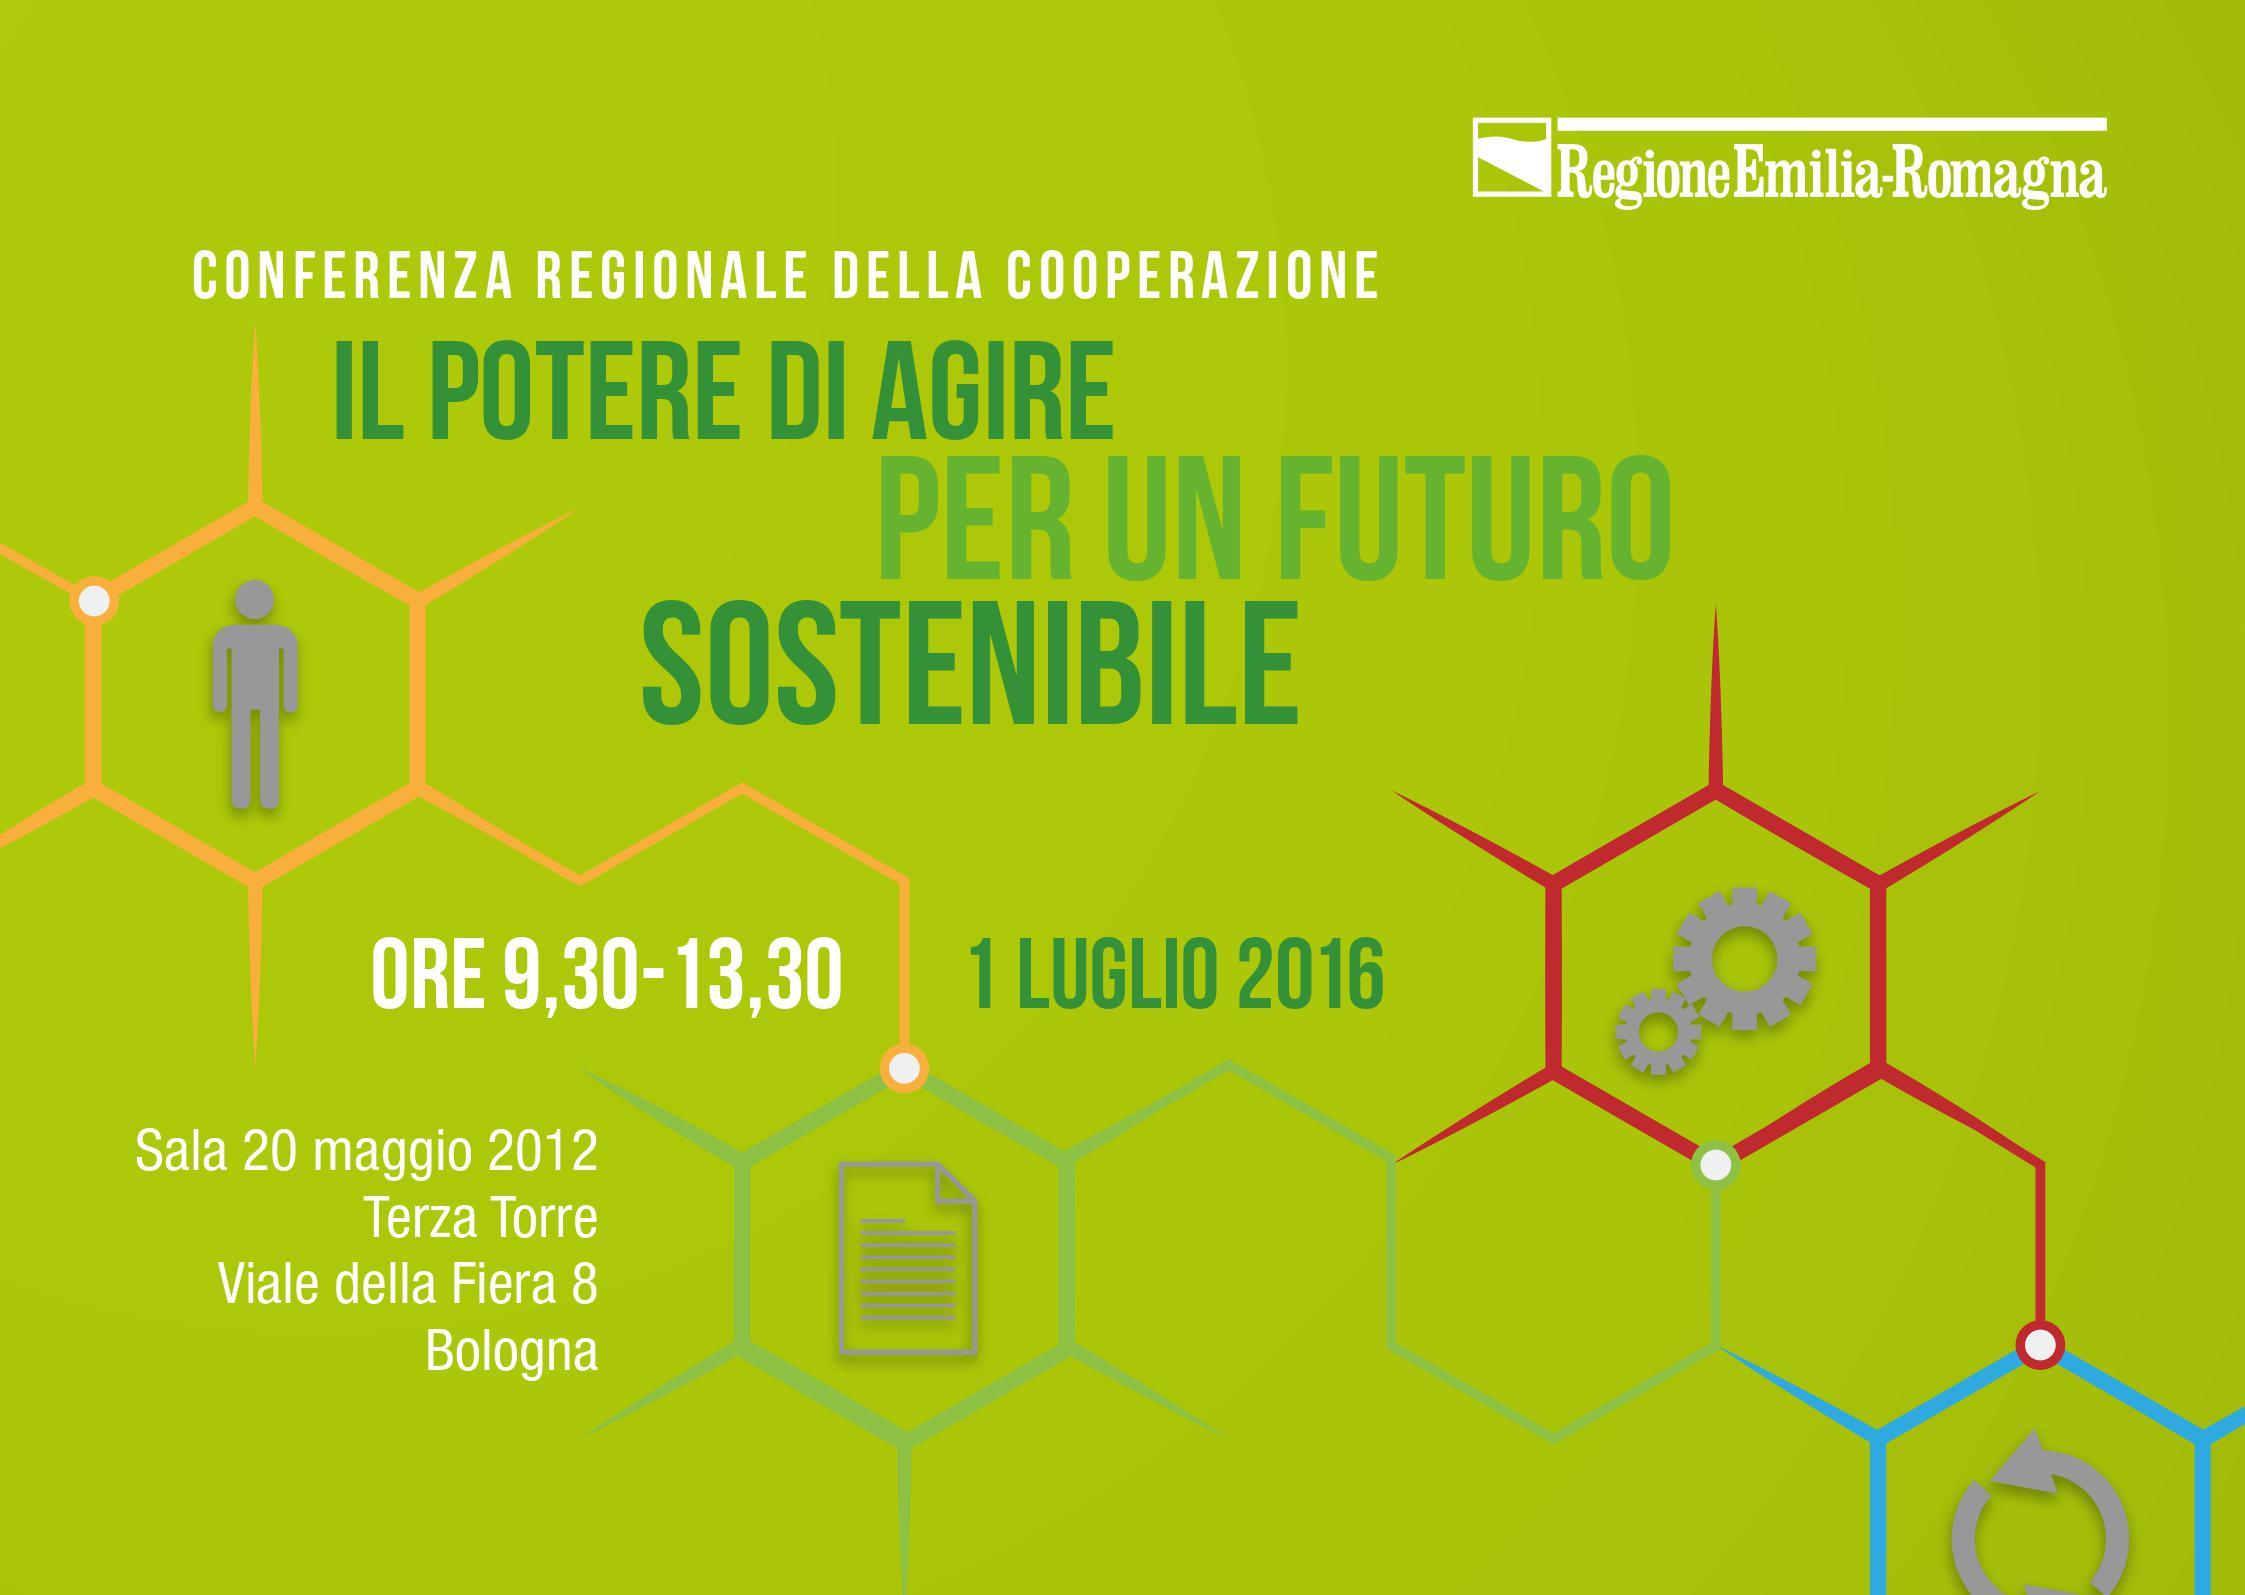 """""""Il potere di agire per un futuro sostenibile"""". A Bologna la conferenza regionale della cooperazione"""